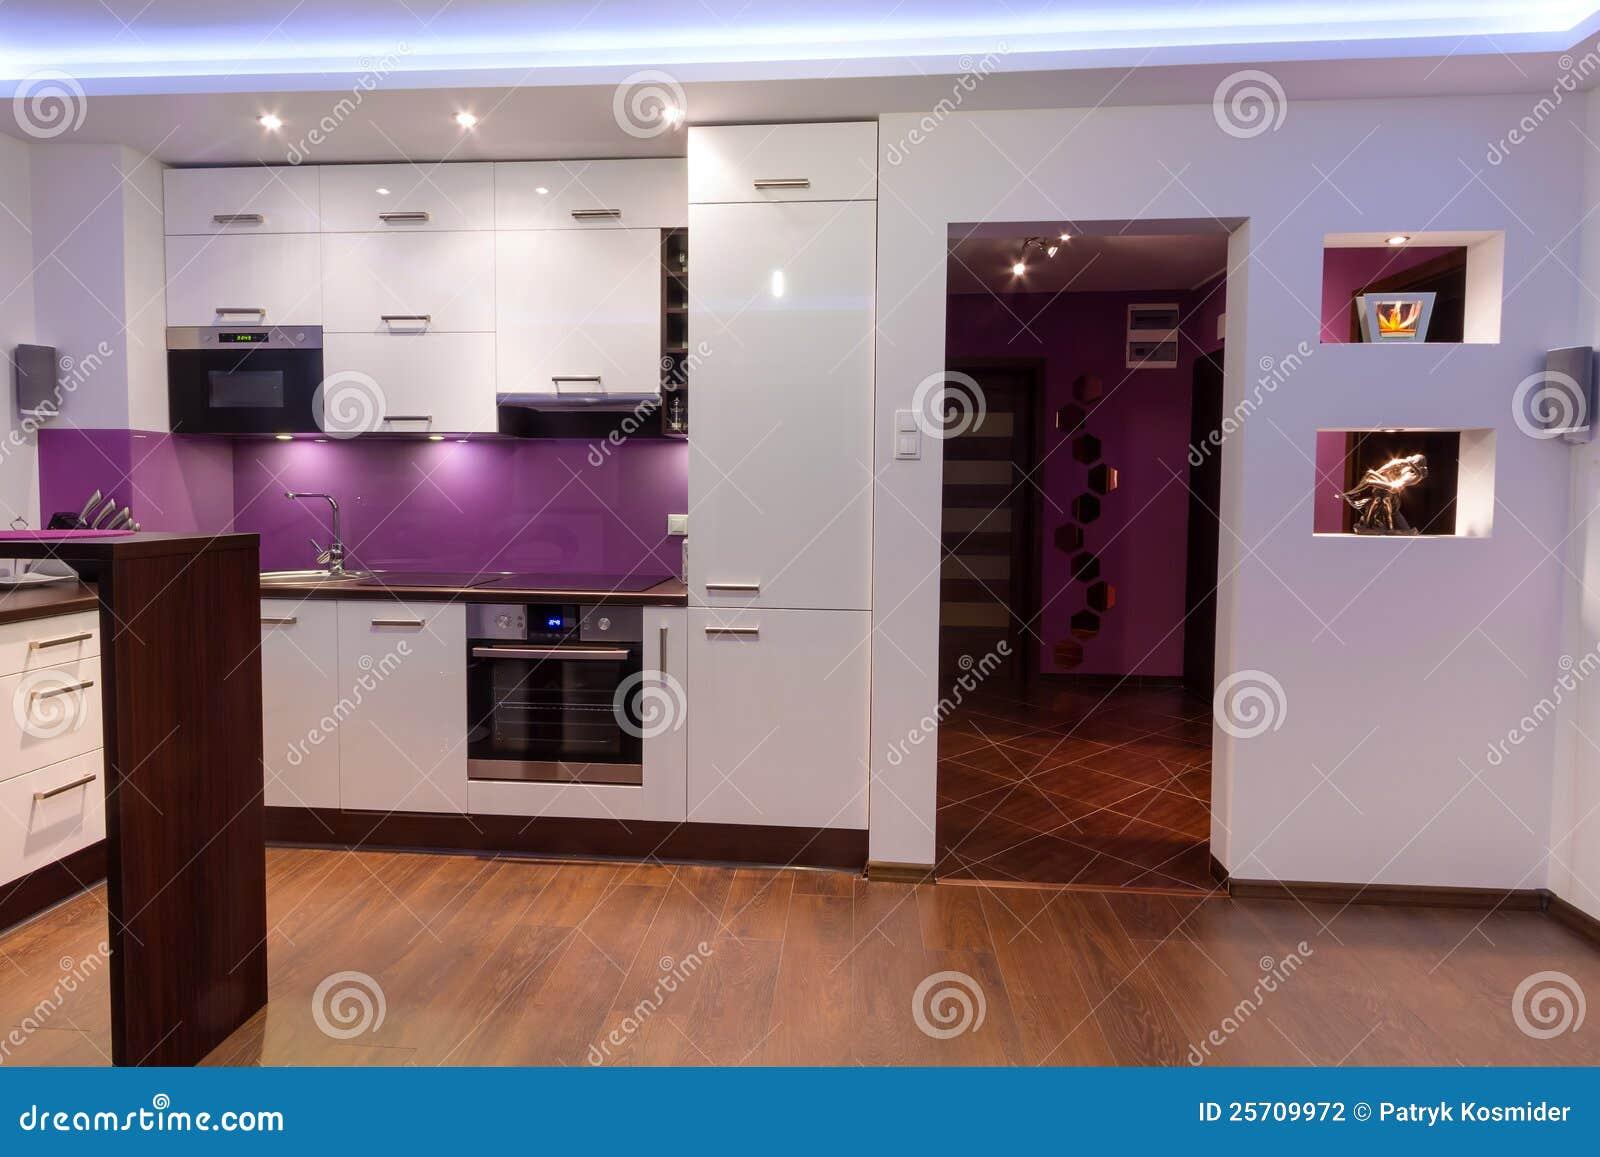 cucina e salone moderni del condominio fotografia stock - immagine ... - Salone Cucina